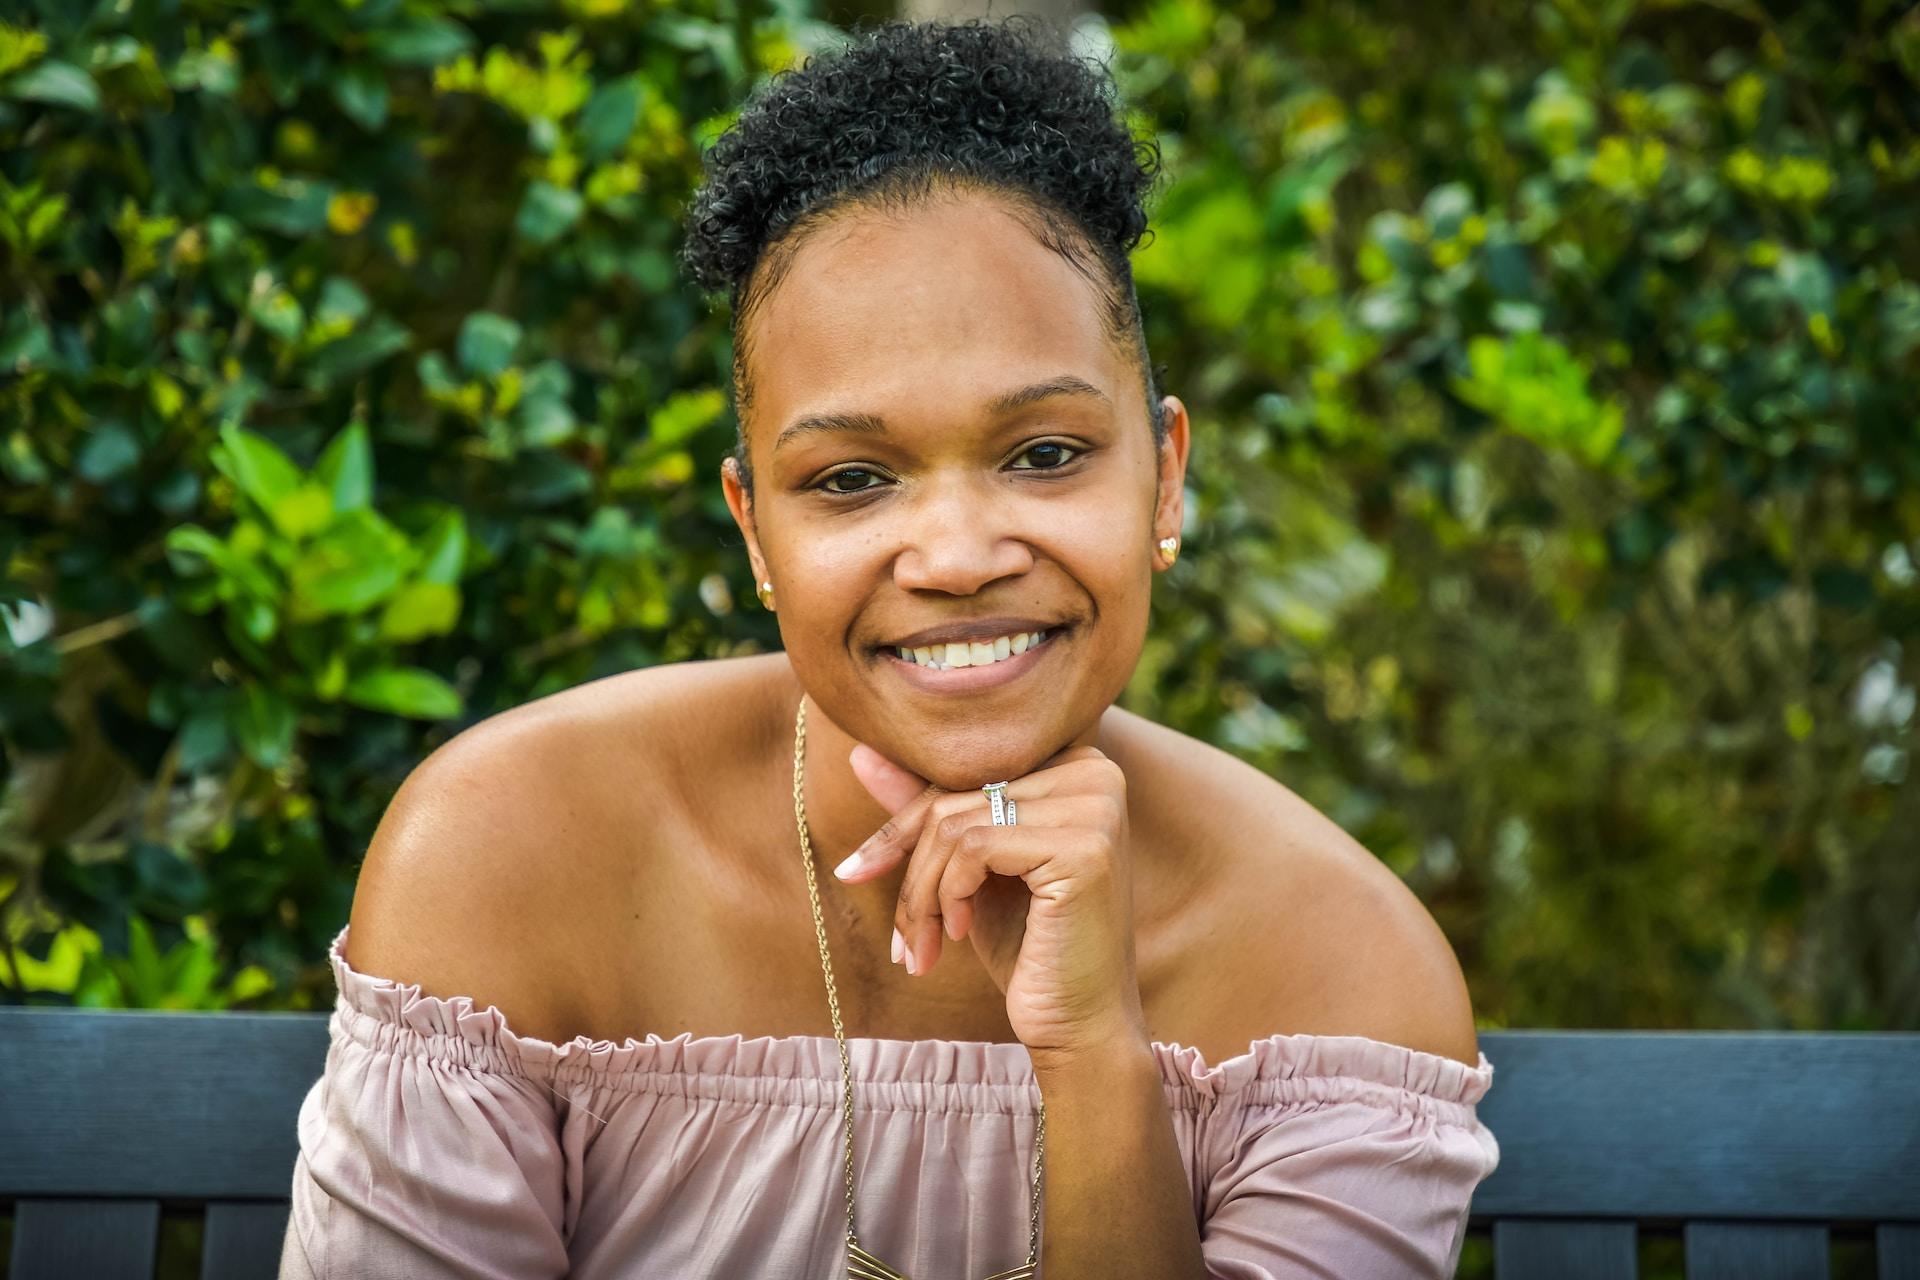 smiling girl in white tank top